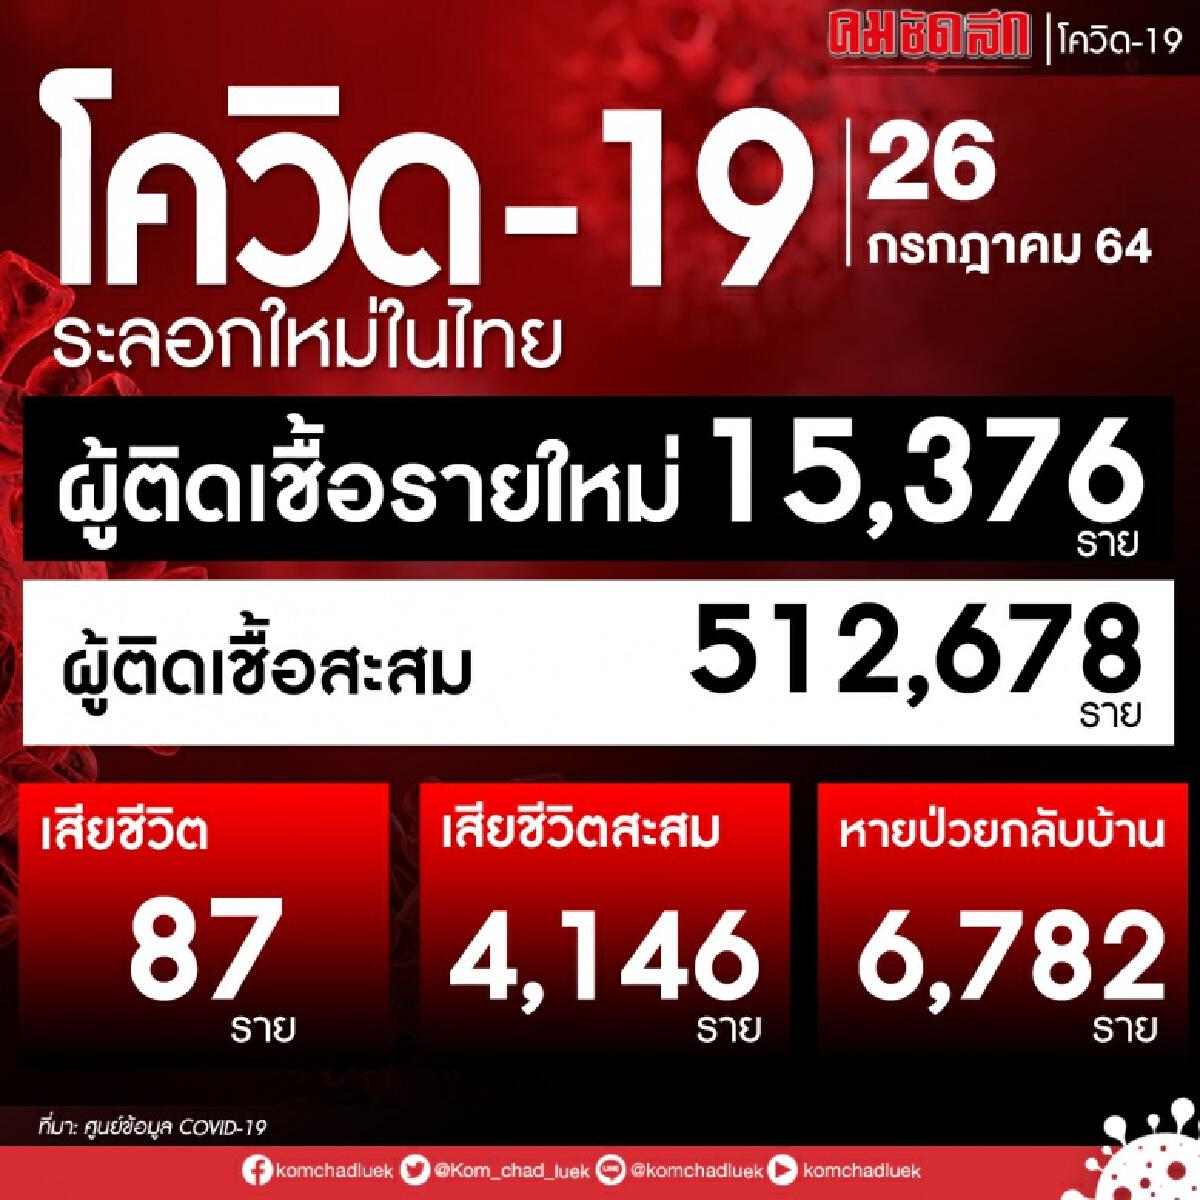 อัปเดต โควิดวันนี้ ติดเชื้อเพิ่ม 15,376 ราย เสียชีวิต 87 ราย